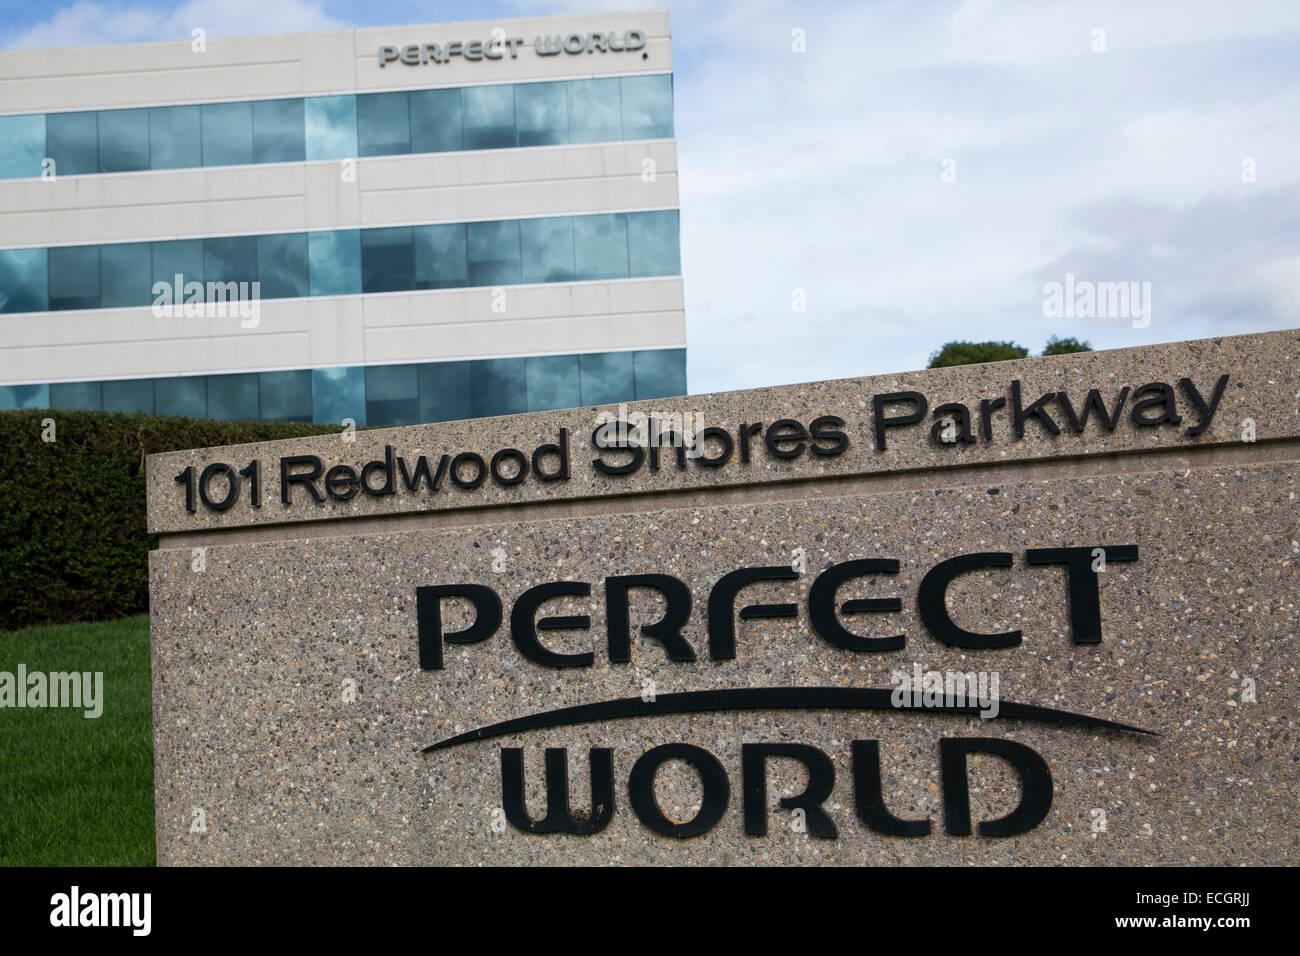 Ein Bürogebäude von MMO Spielehersteller Perfect World besetzt. Stockbild